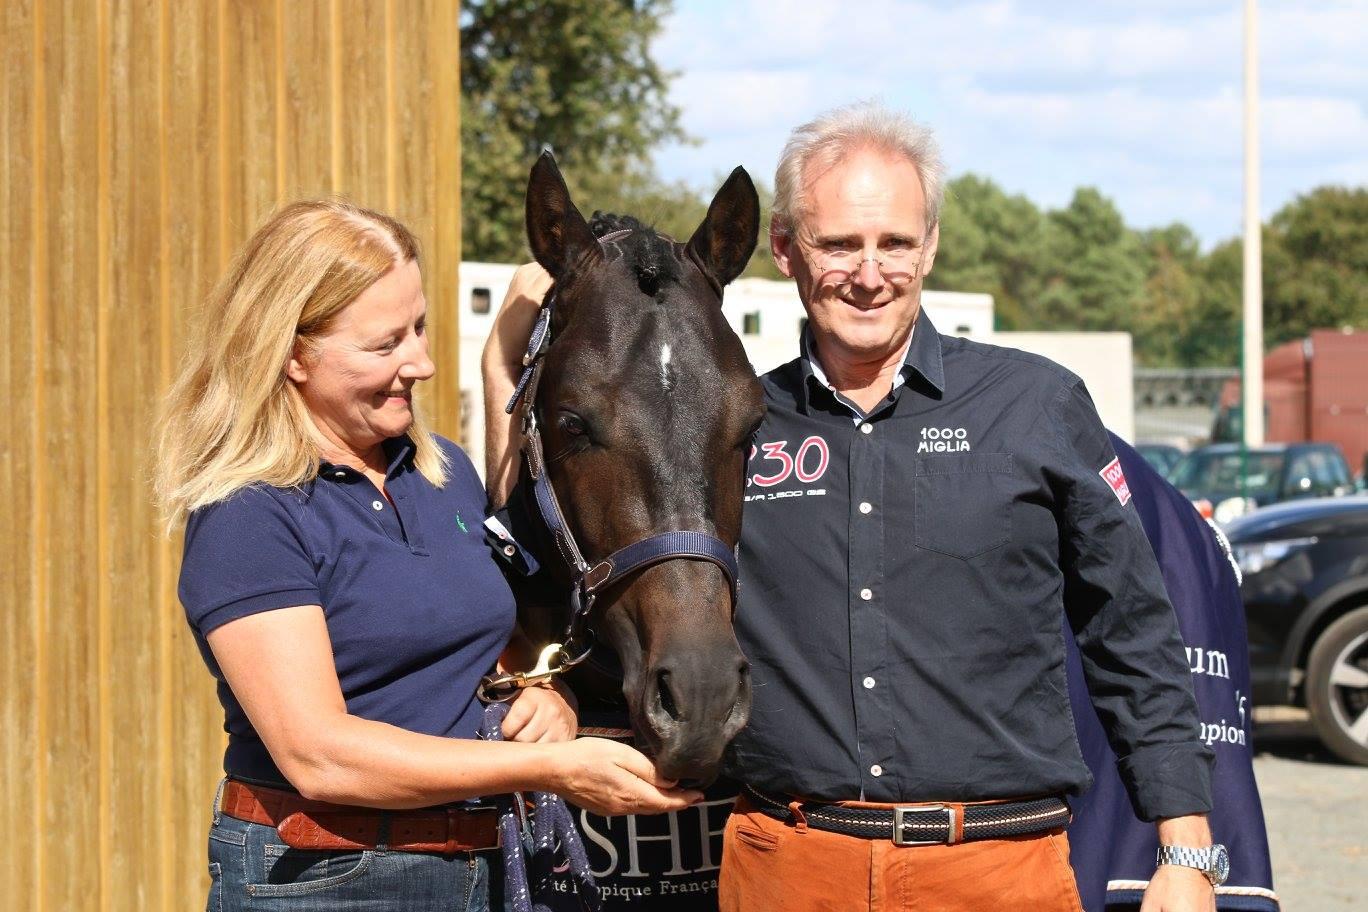 NL et ses naisseurs, Gosewien et Willem, de jolies retrouvailles - ph. Judith'Art